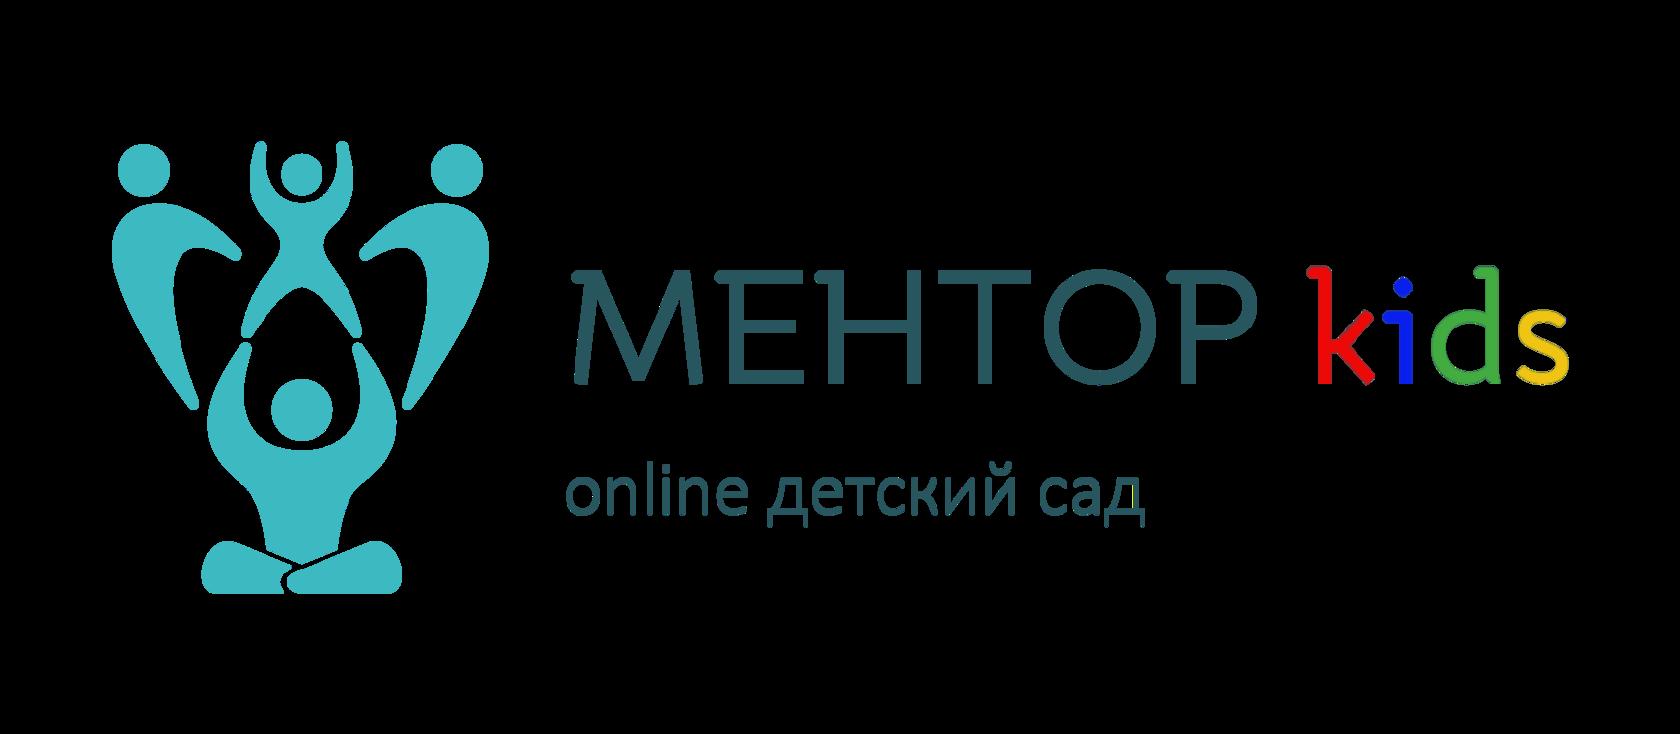 МЕНТОР kids